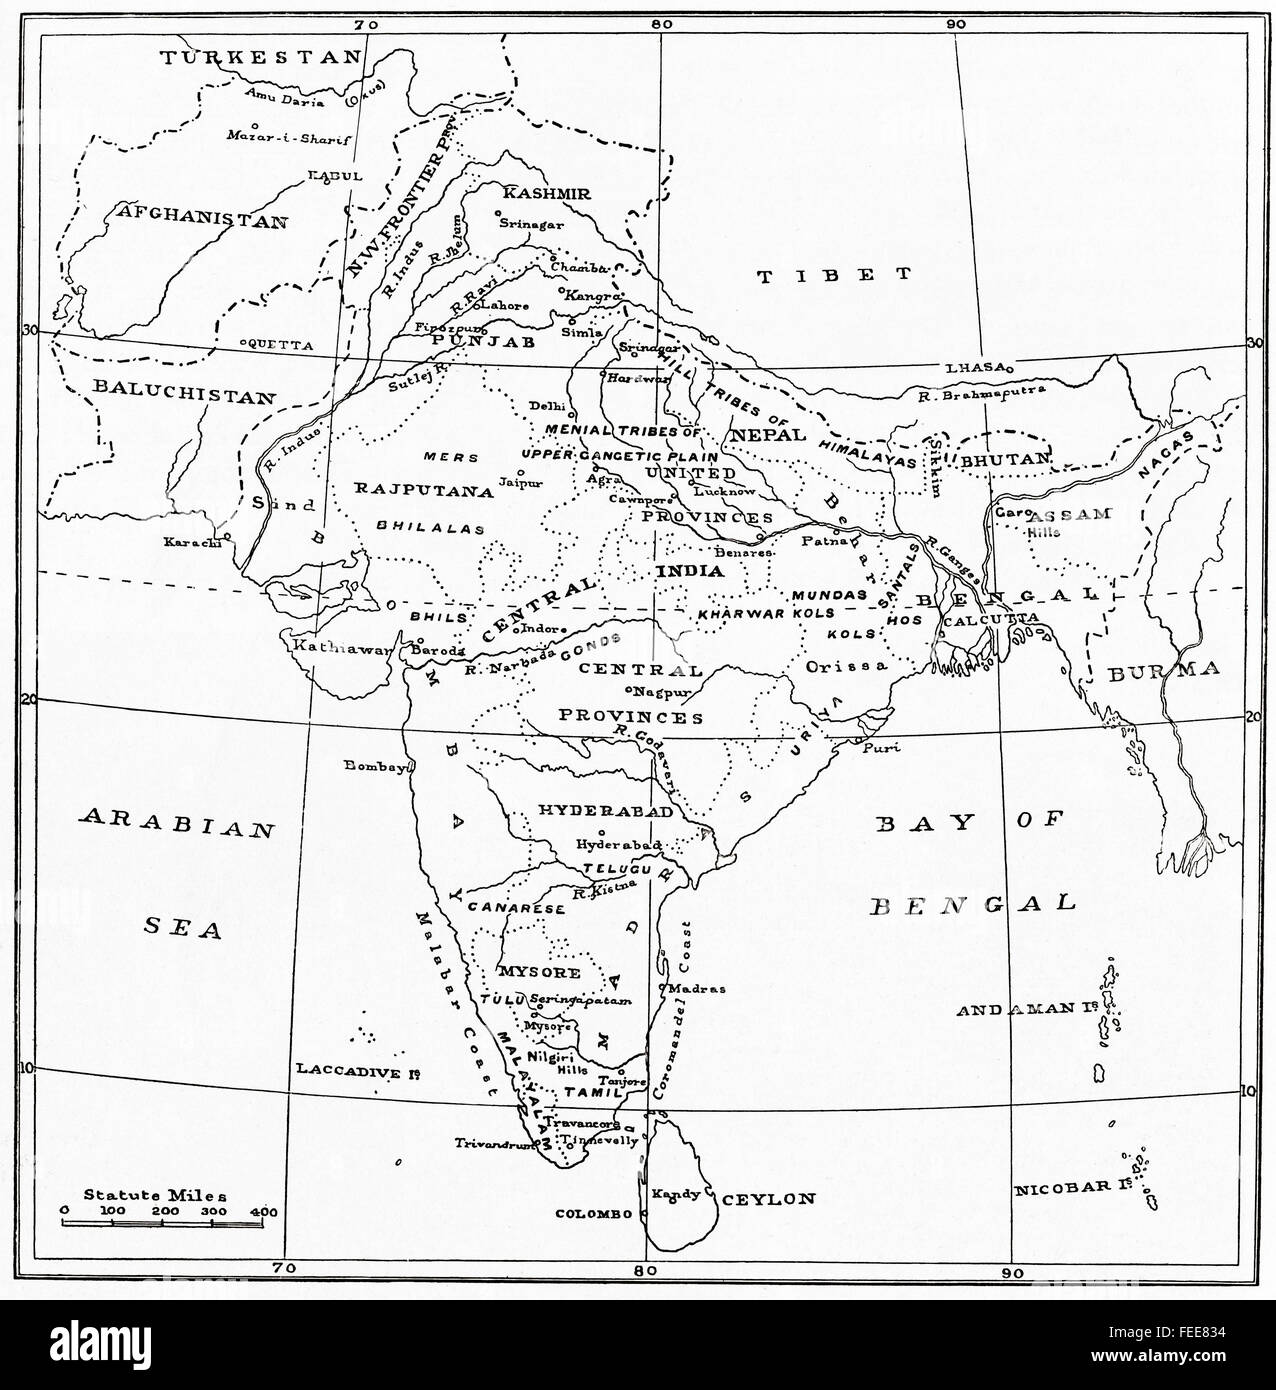 Un mapa de la India a comienzos del siglo XX. Imagen De Stock